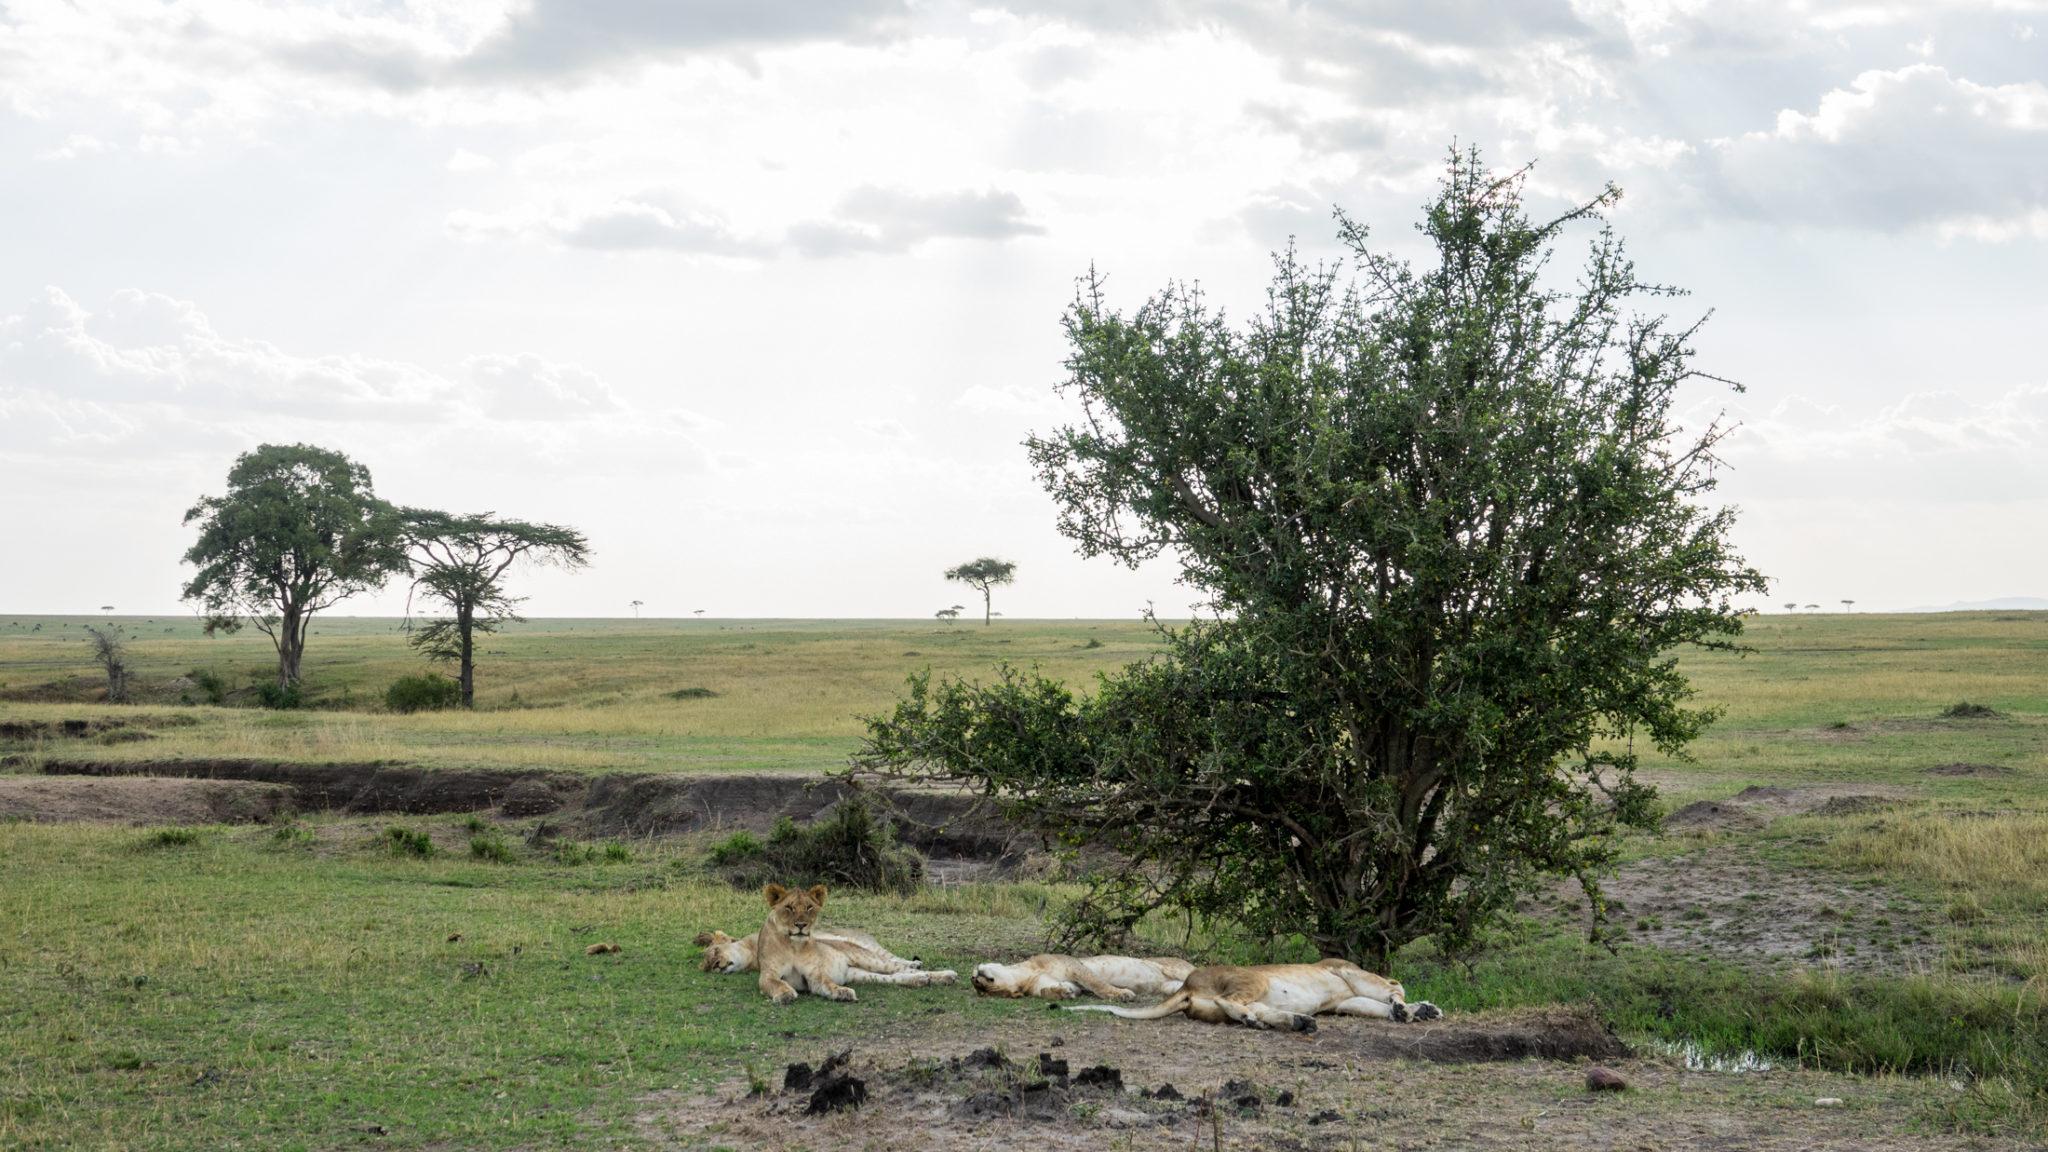 Löwenrudel in der Mittagspause Im norden der Serengeti - Tansania